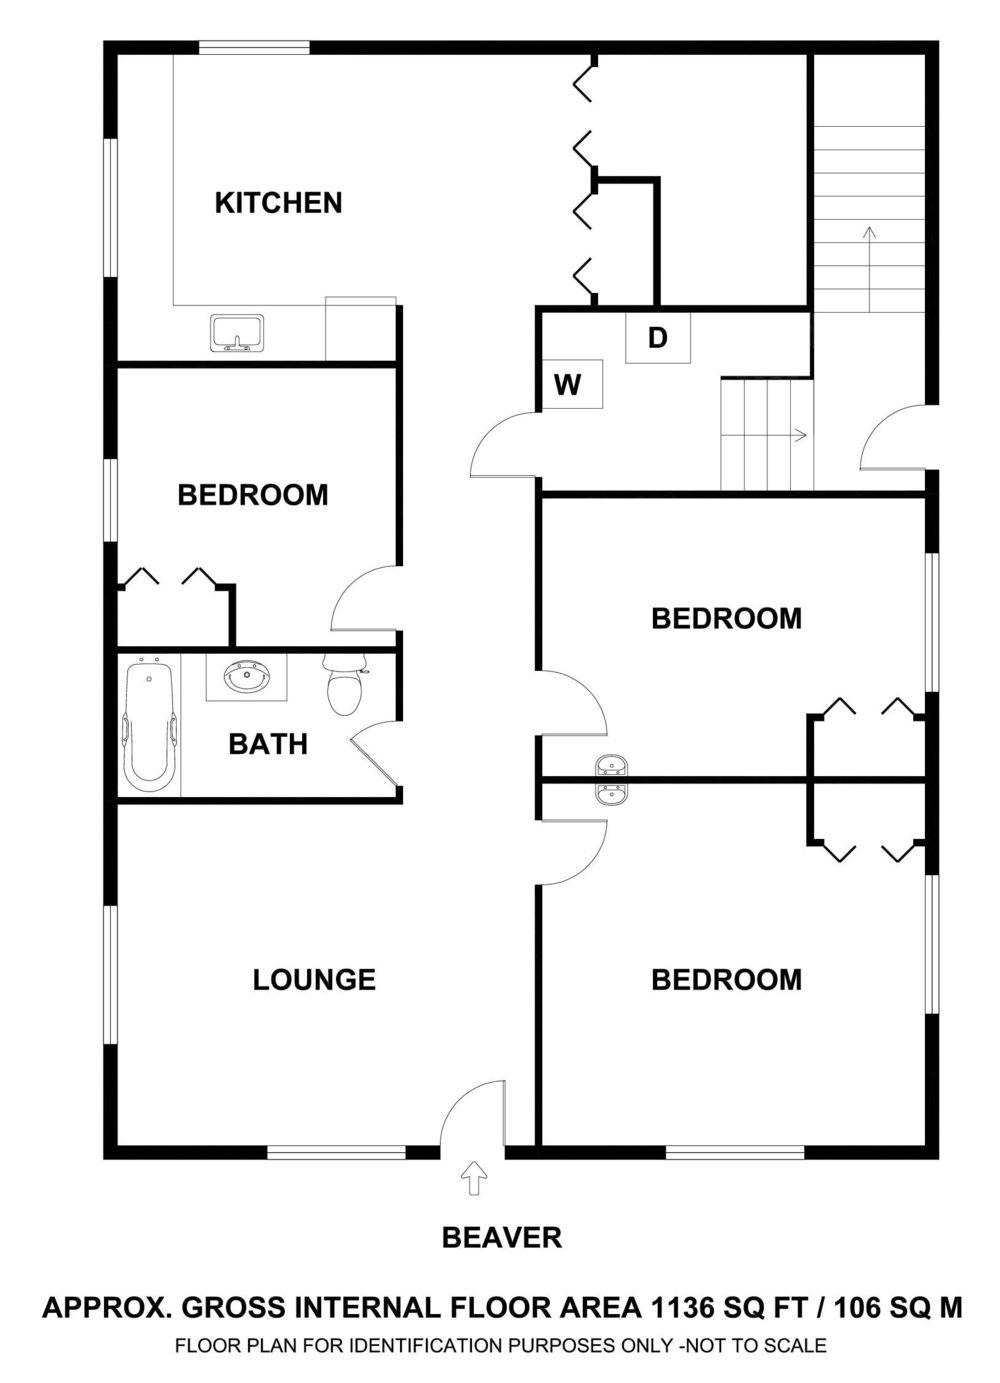 beaver-floor-plan.jpg